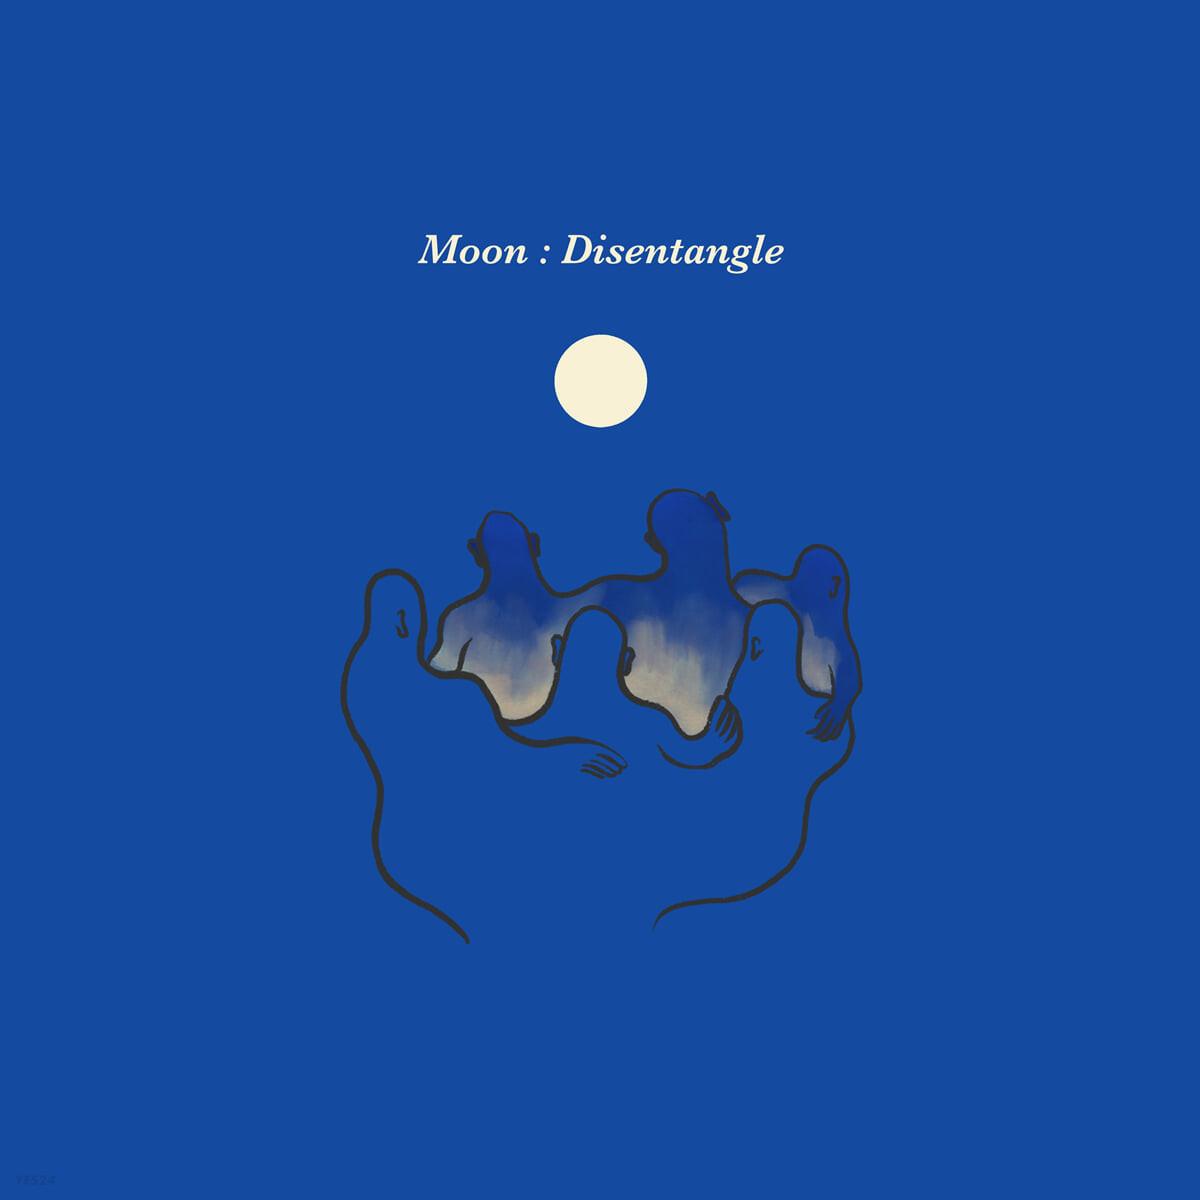 서도밴드 - Moon: Disentangle